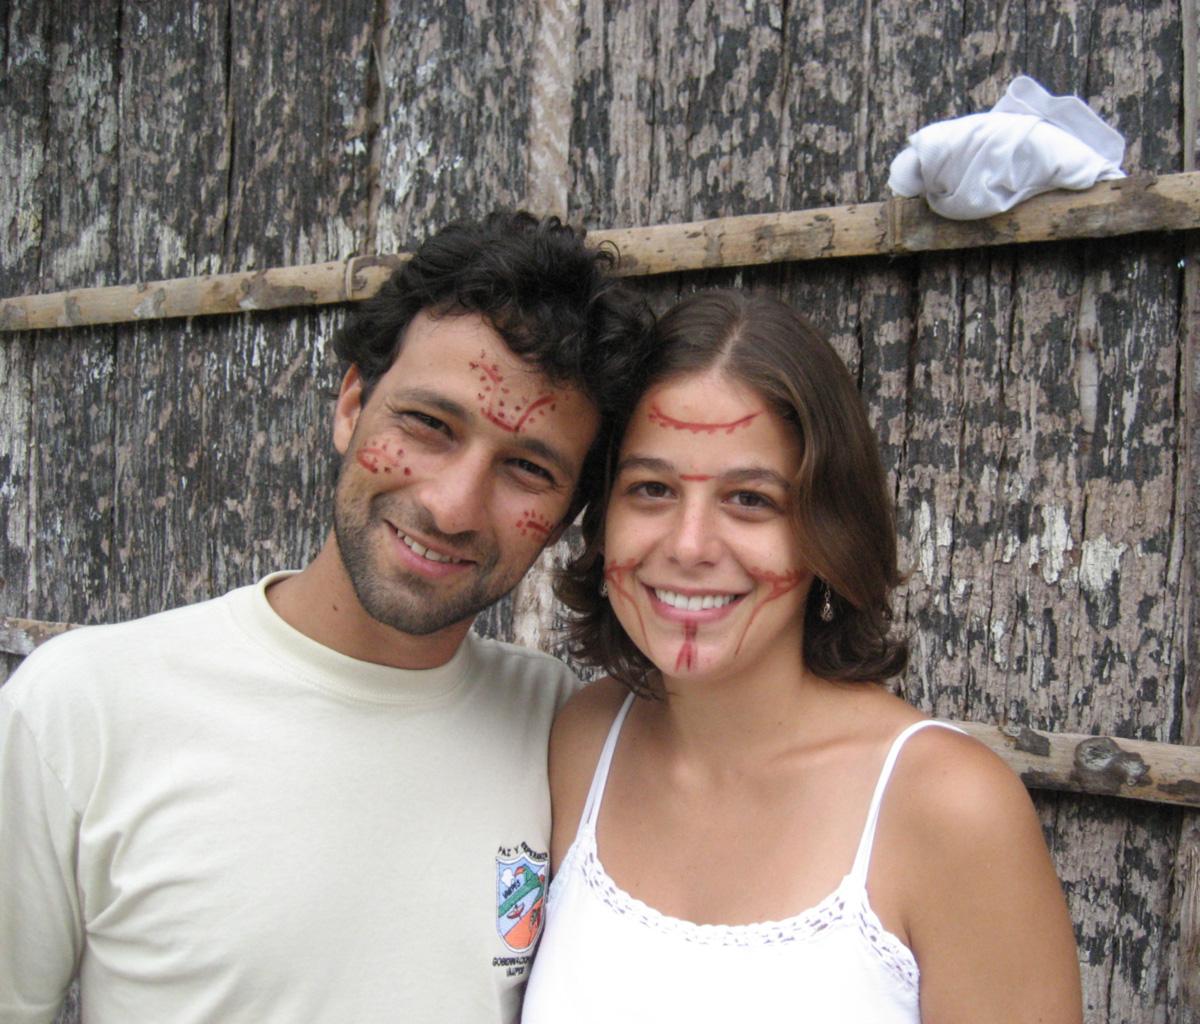 Casados há três anos e morando há dez meses em Iauaretê, Felipe Addor e Julia Rodrigues encontraram uma Amazônia onde o forró chegou às aldeias indígenas antes do papel higiênico